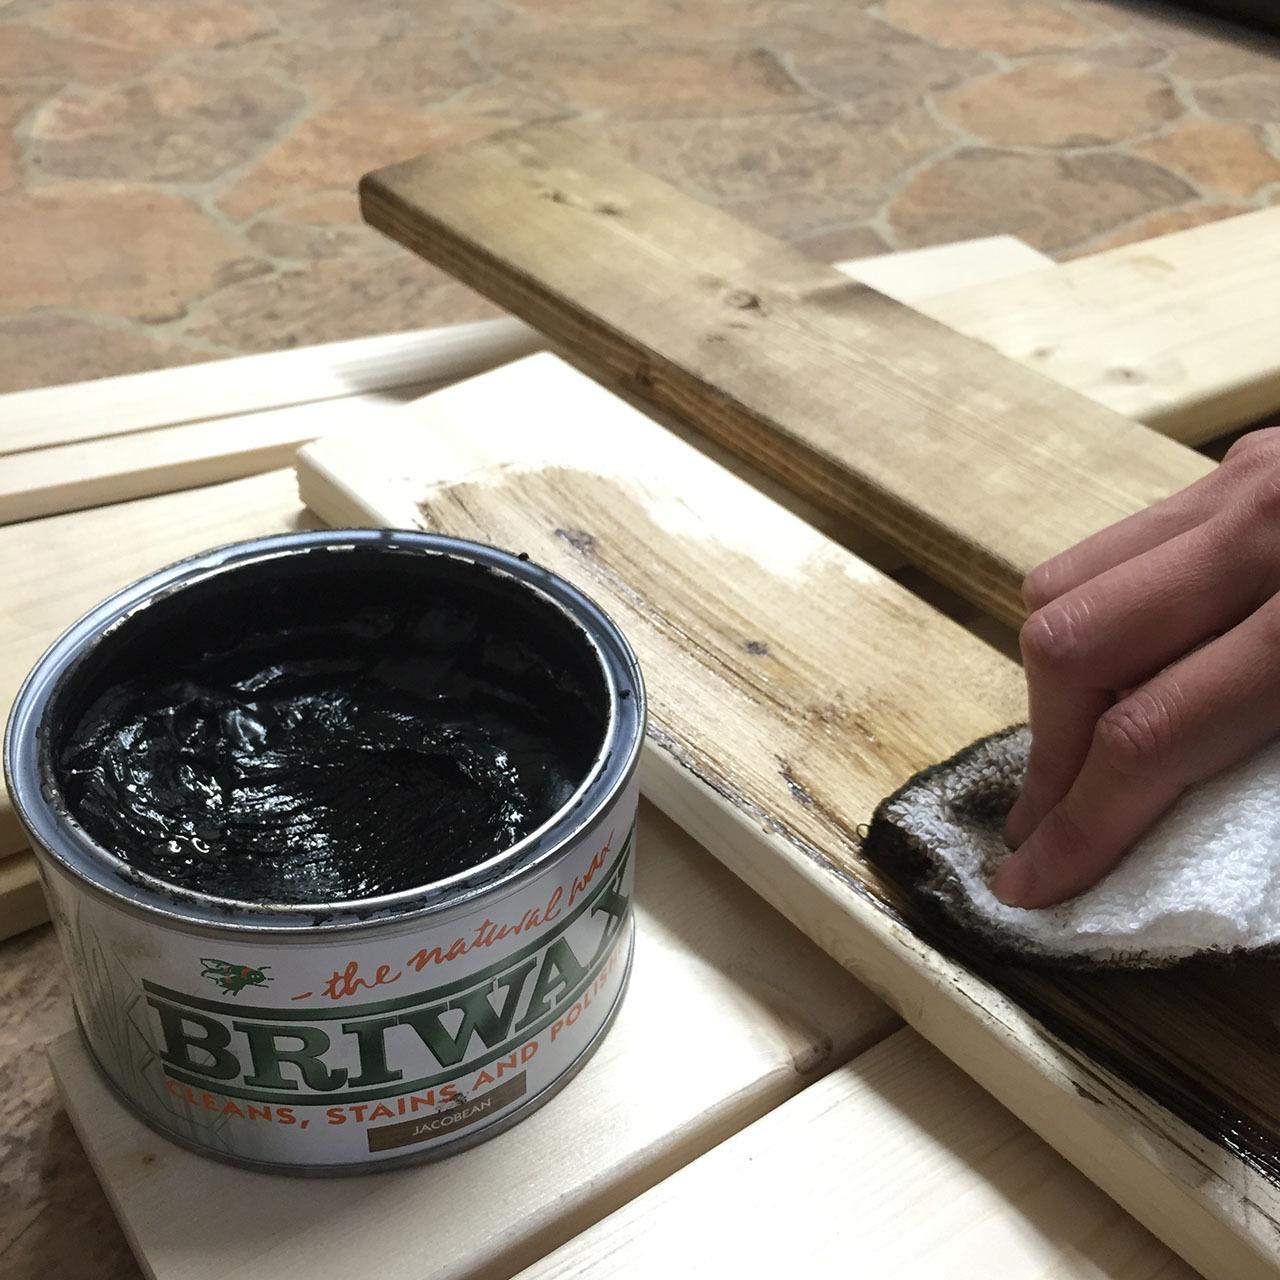 キッチンのデッドスペースを活用できる、スパイス棚のDIY。ゴチャつきがちな調味料類をサイズ別に収納することで、より整頓された印象に。ブラックの板は換気扇と同系色の色なので、よく馴染む。2